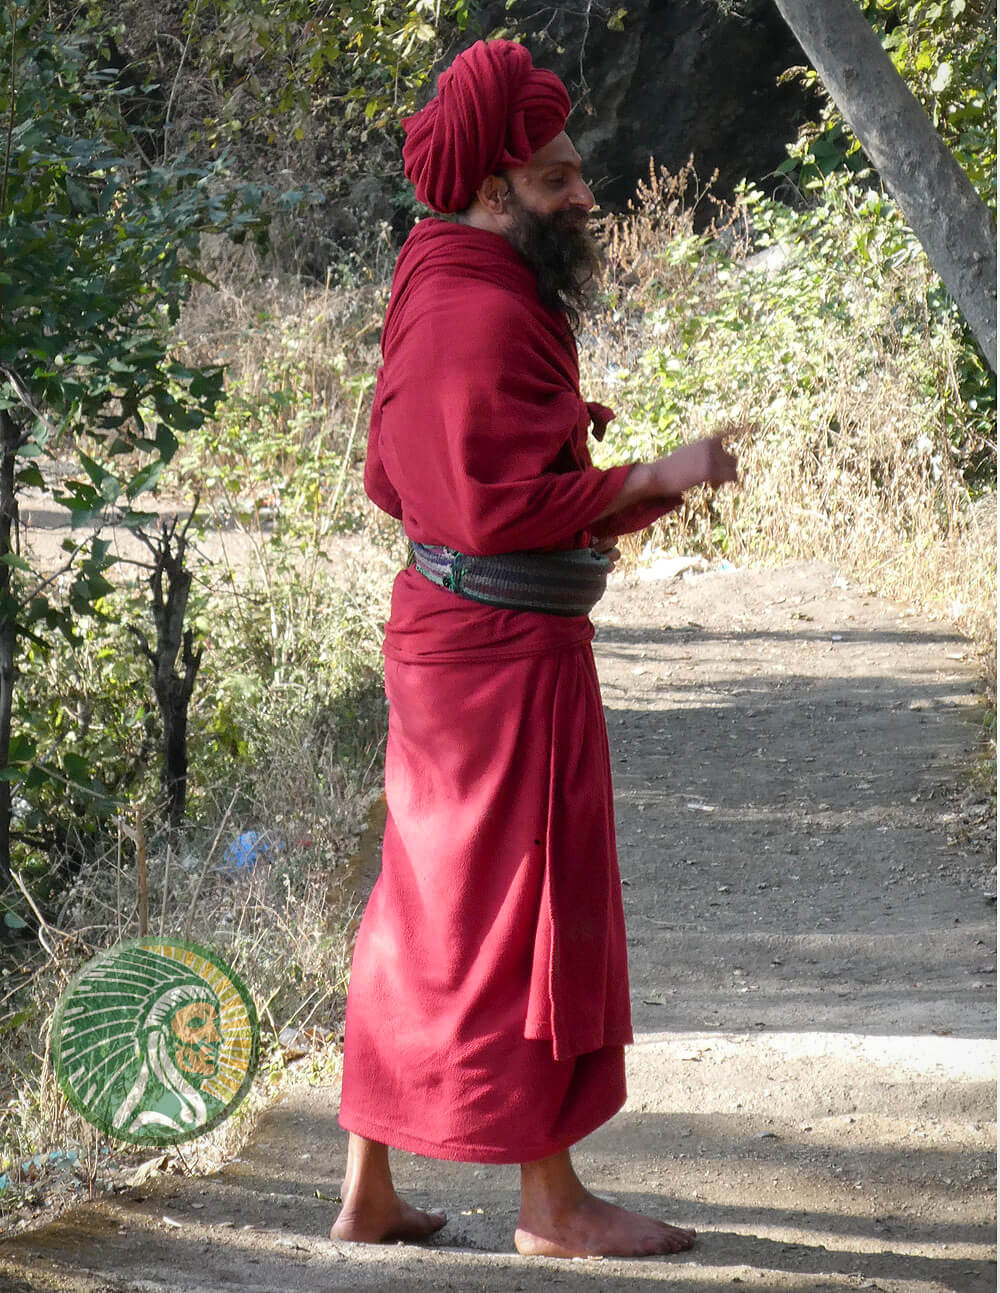 Indiase meekrap gebruikt voor het verven van stoffen - Rubia cordifolia L